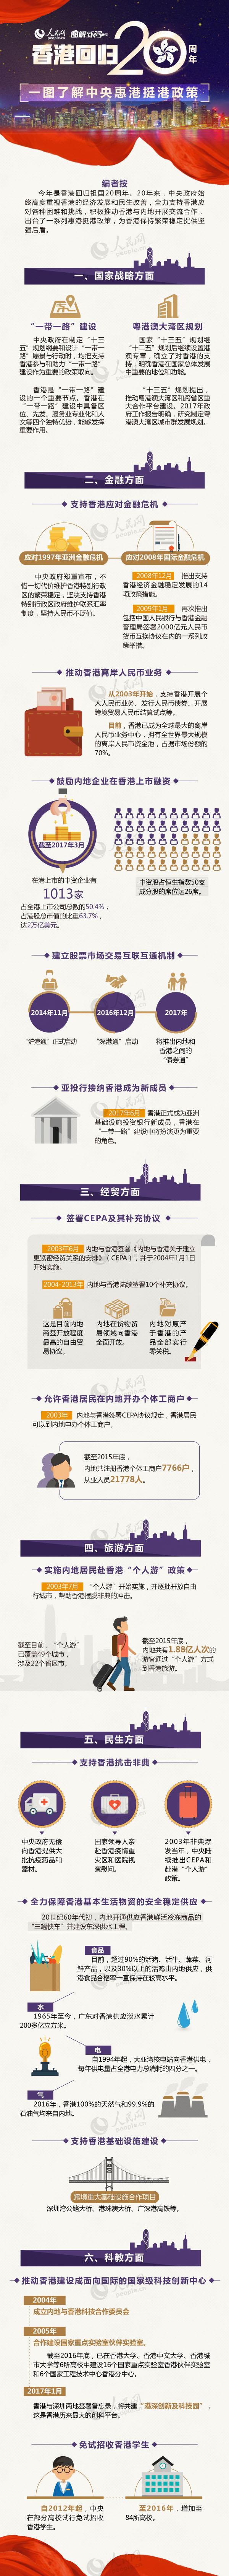 香港回归20周年 一图了解中央惠港挺港政策